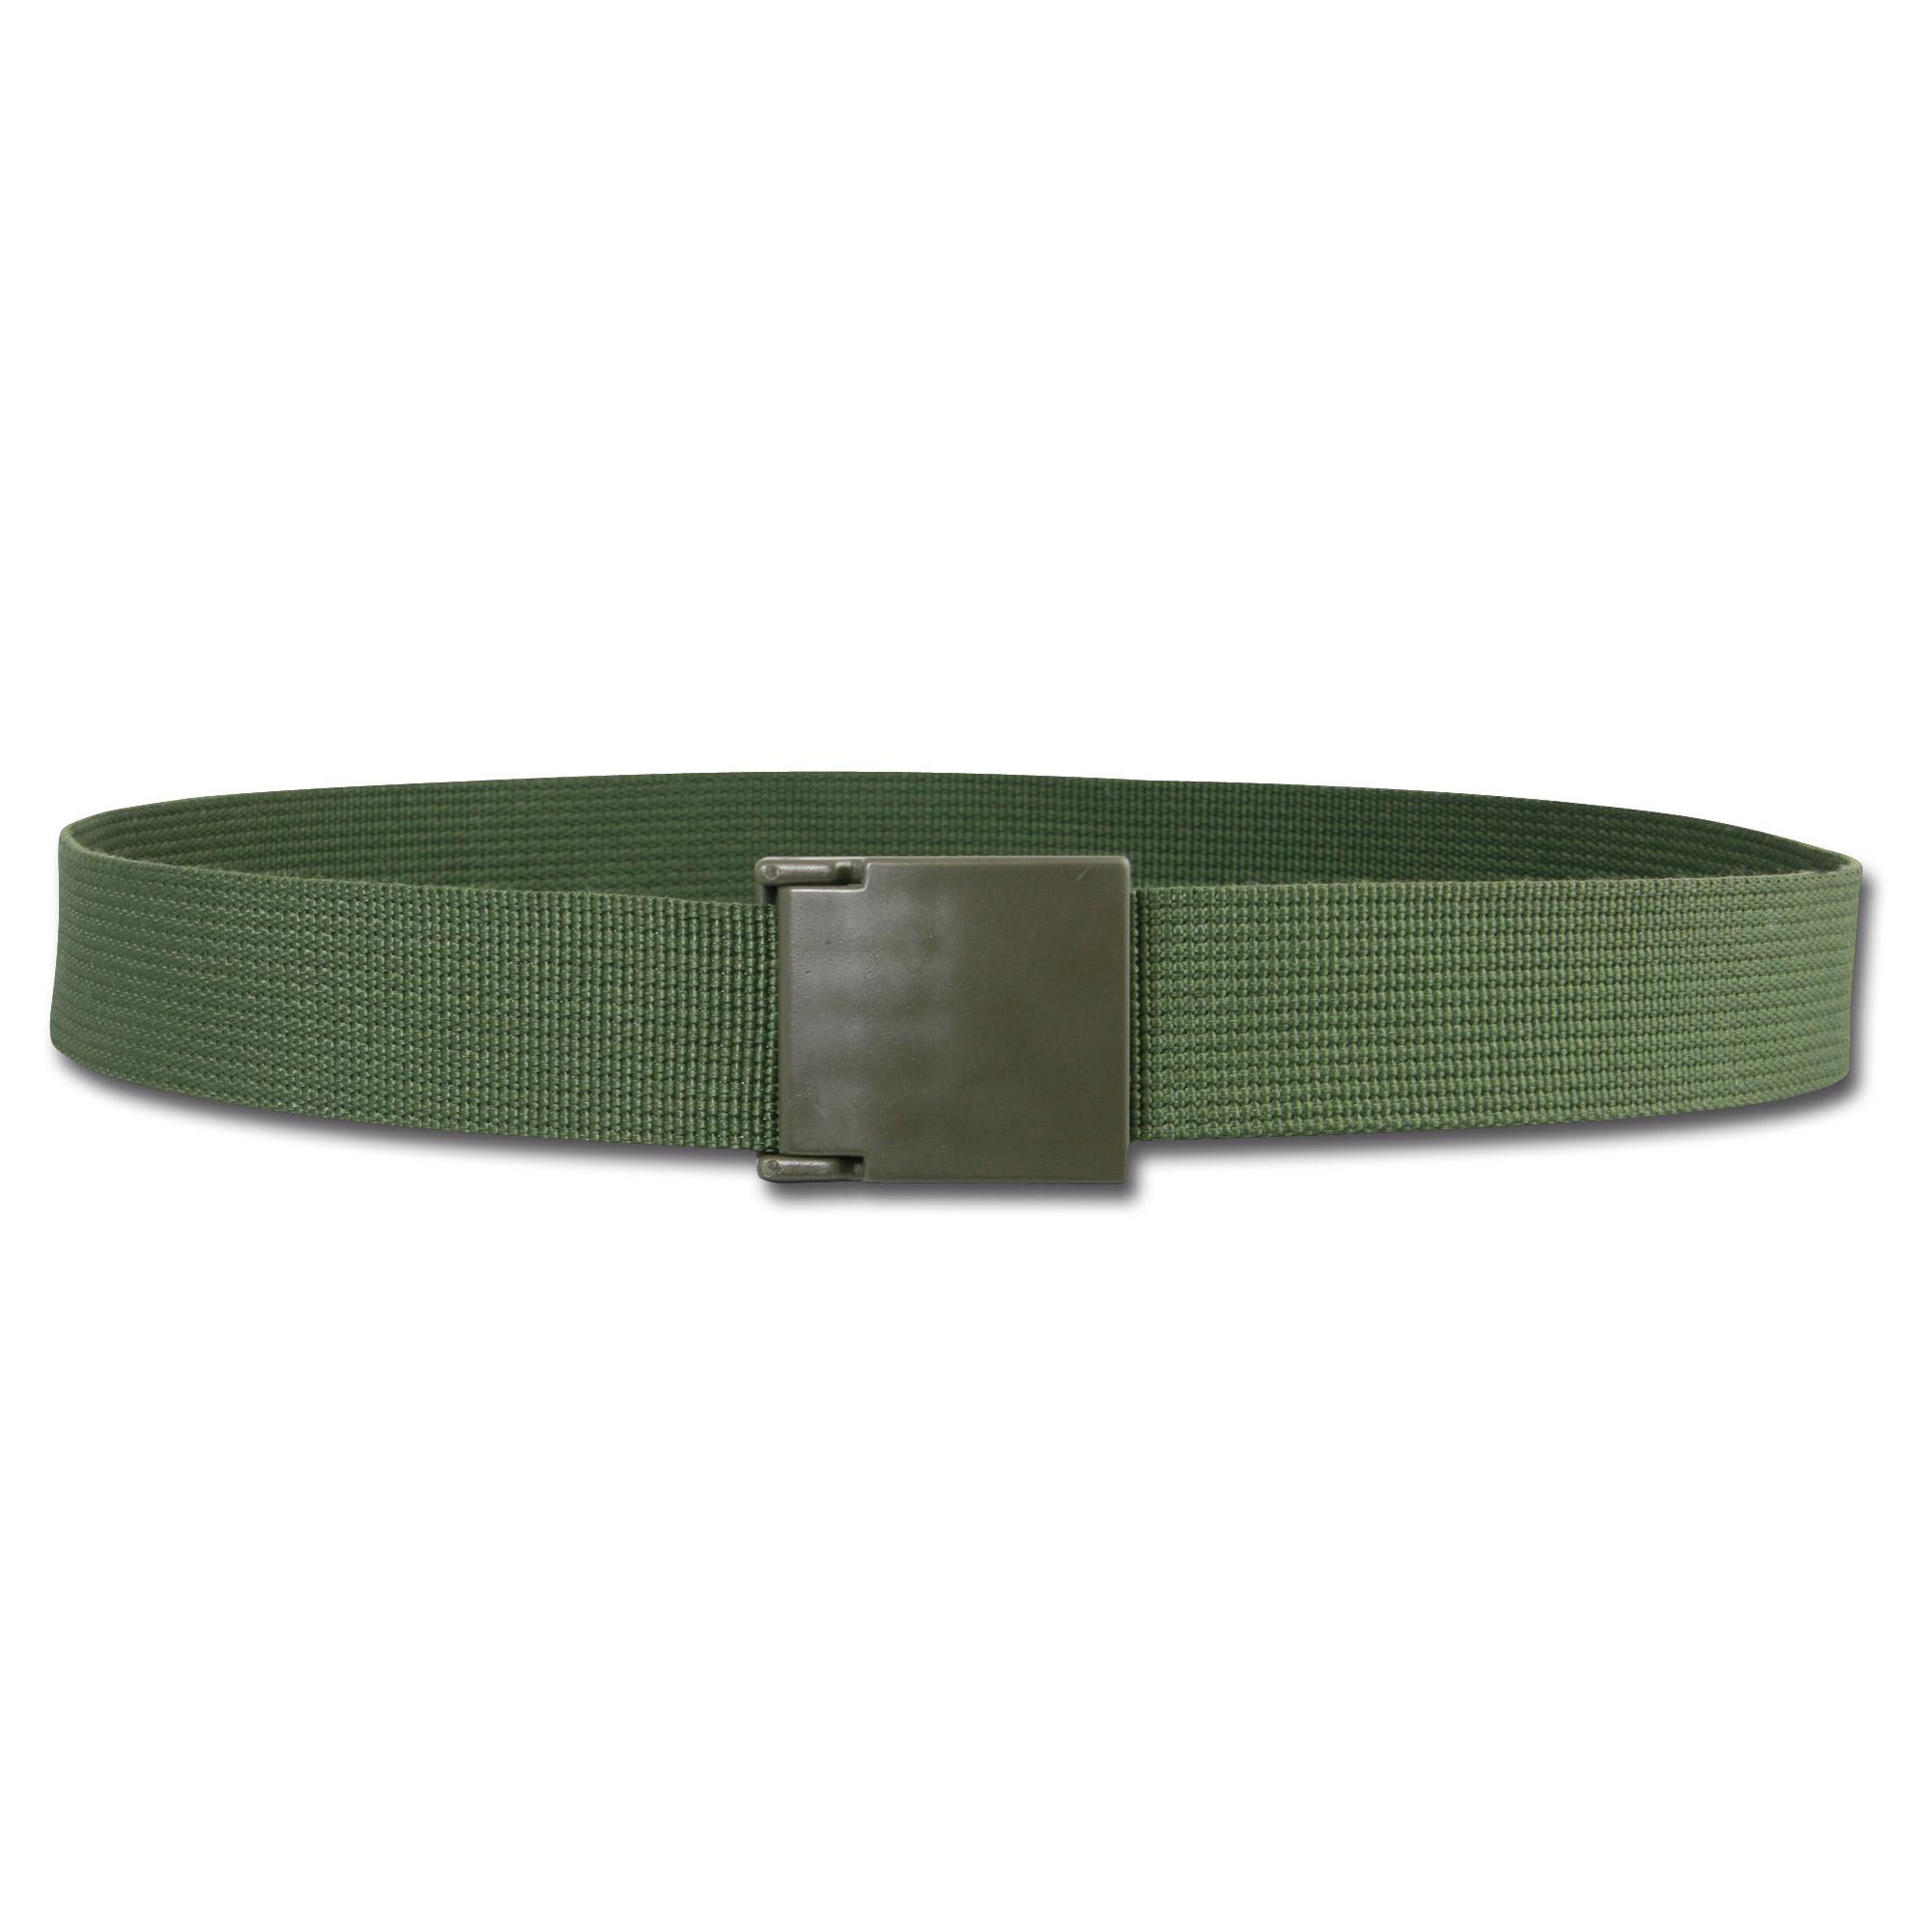 US cinturón Stealth MFH verde oliva